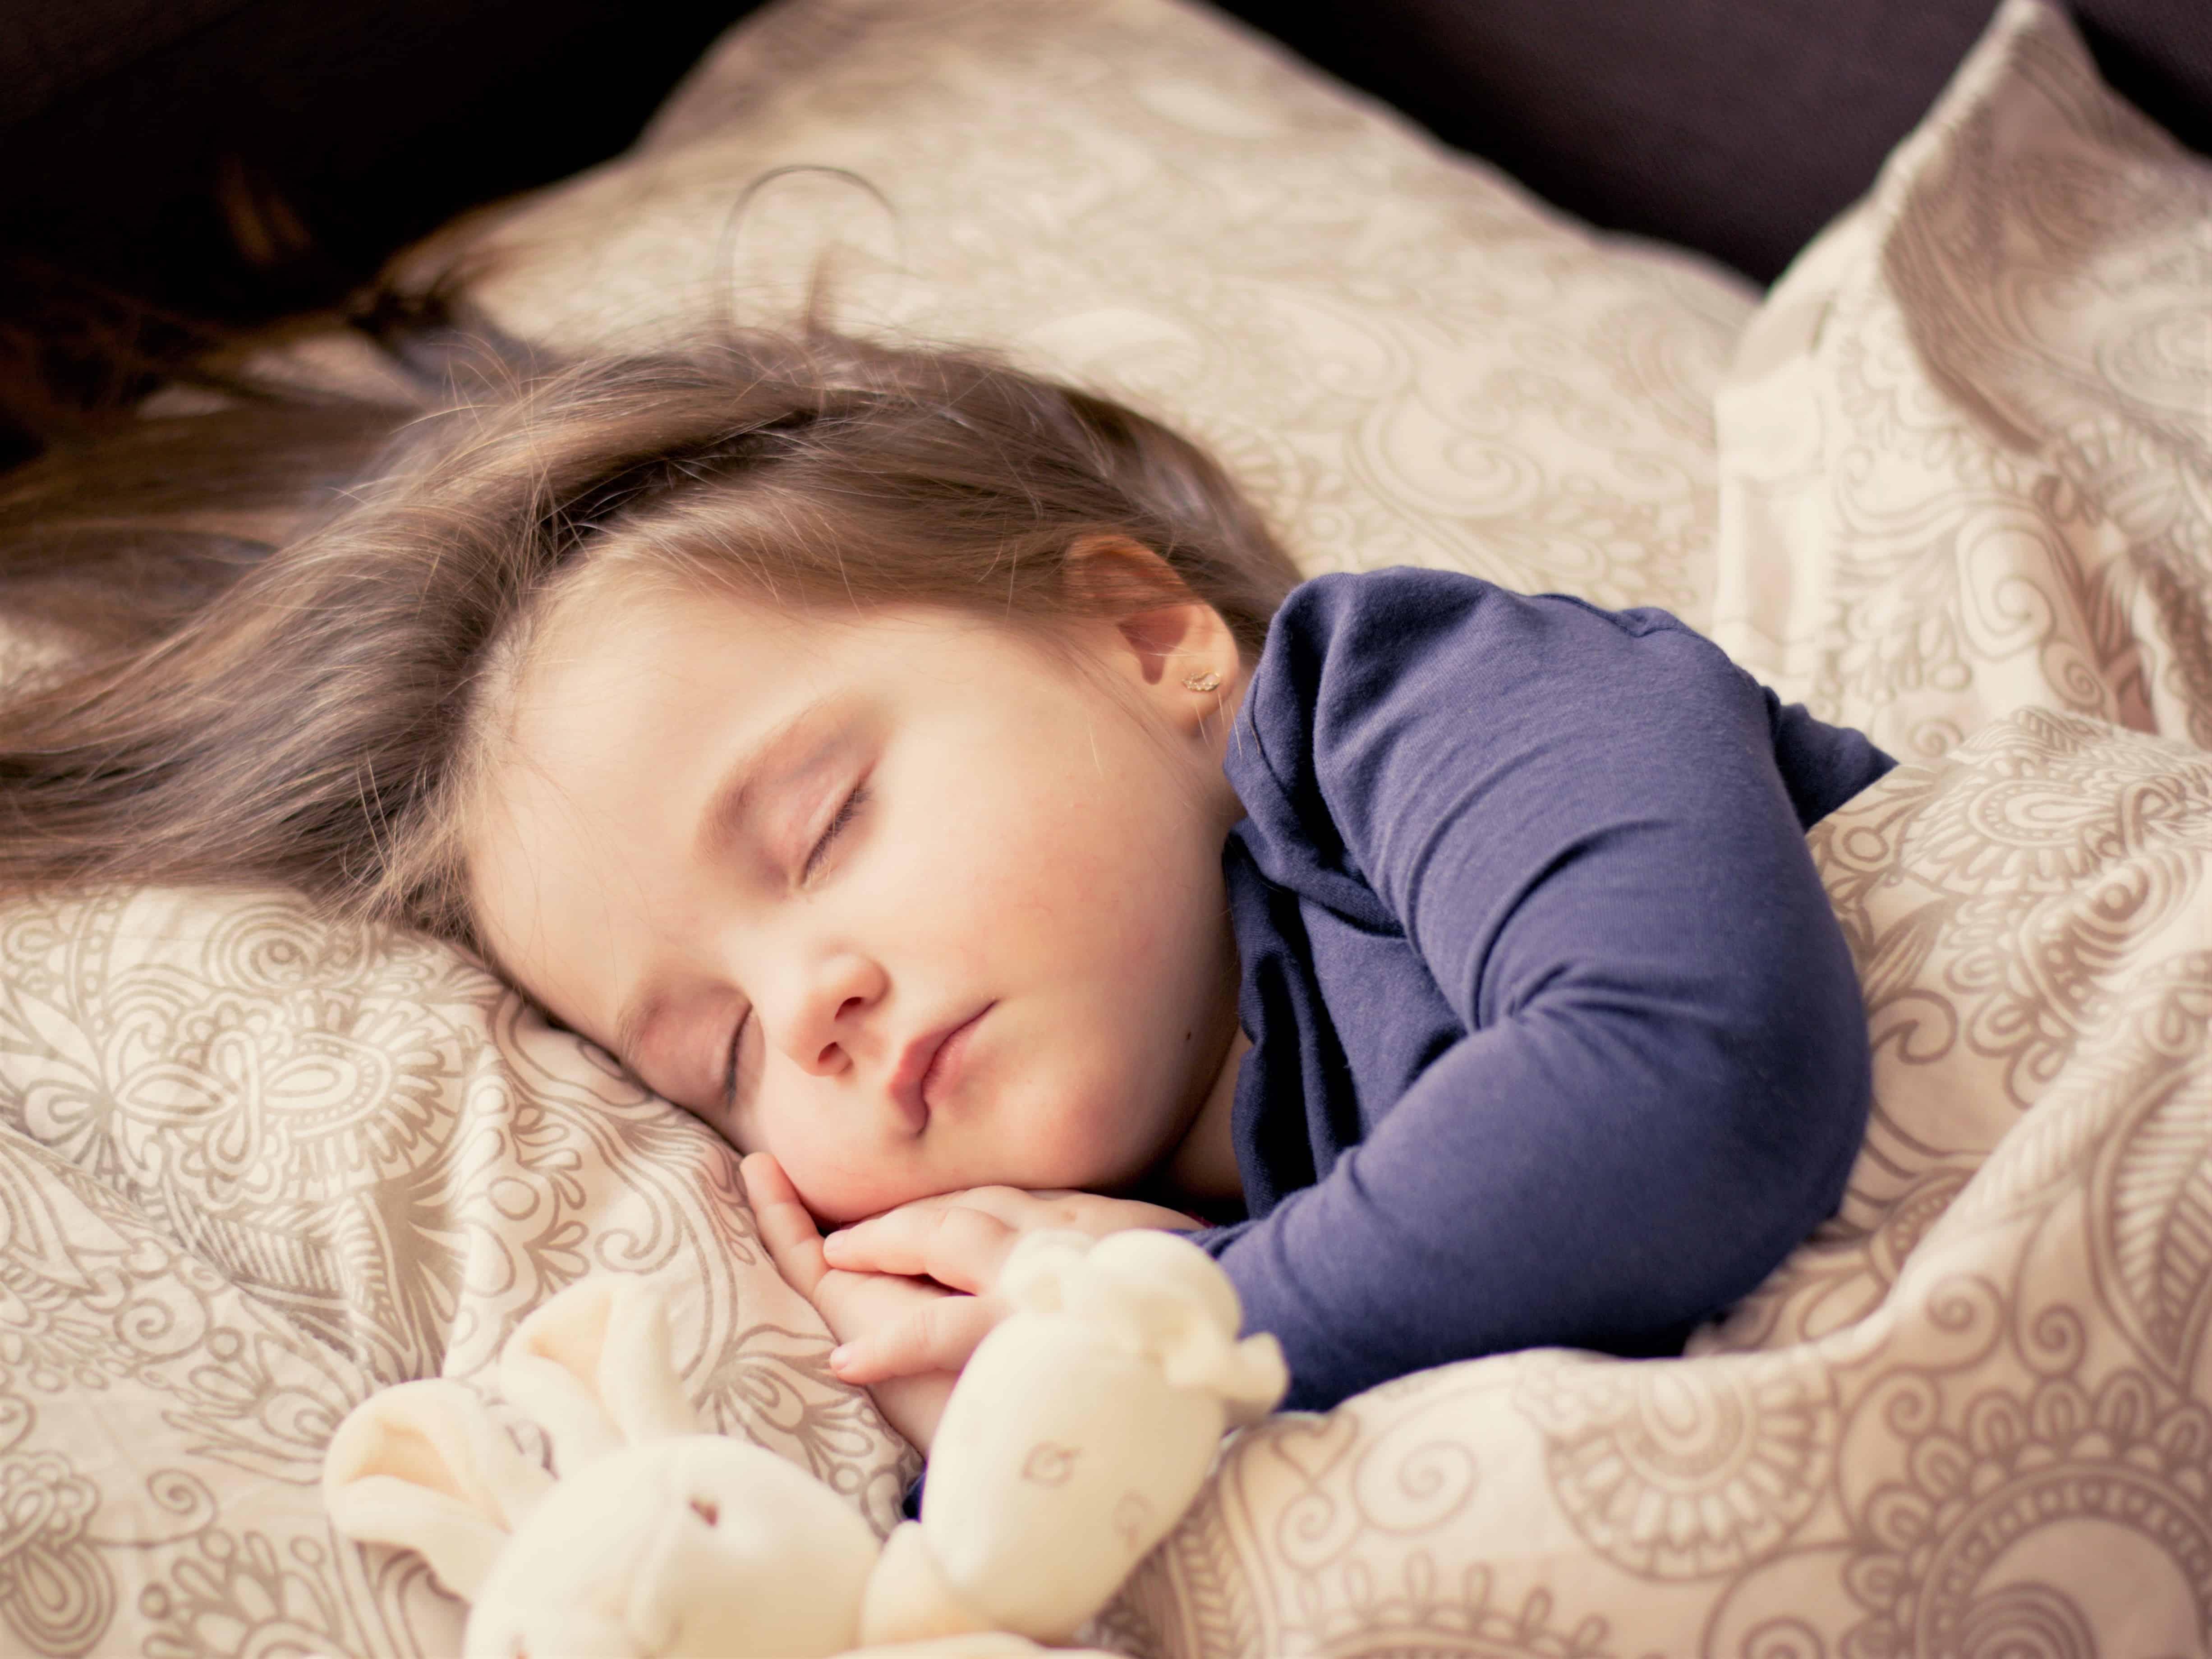 beter slapen met eczeem